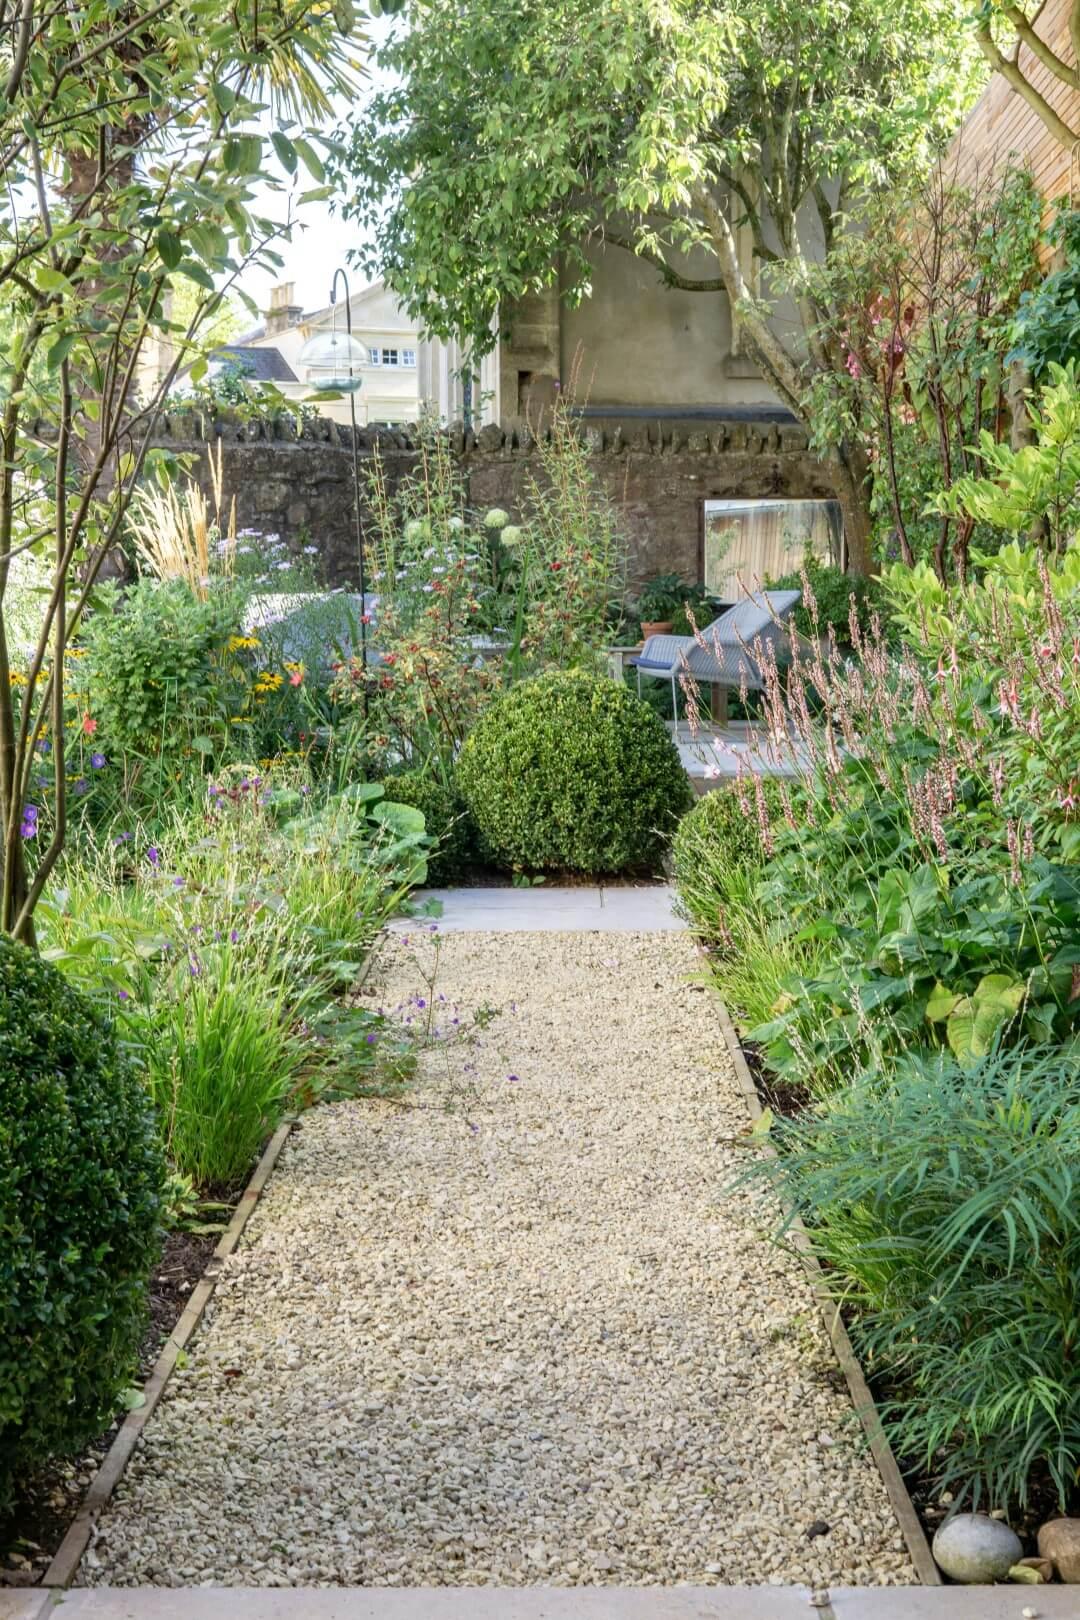 CLIFTON COURTYARD GARDEN - Artisan Landscapes Bristol